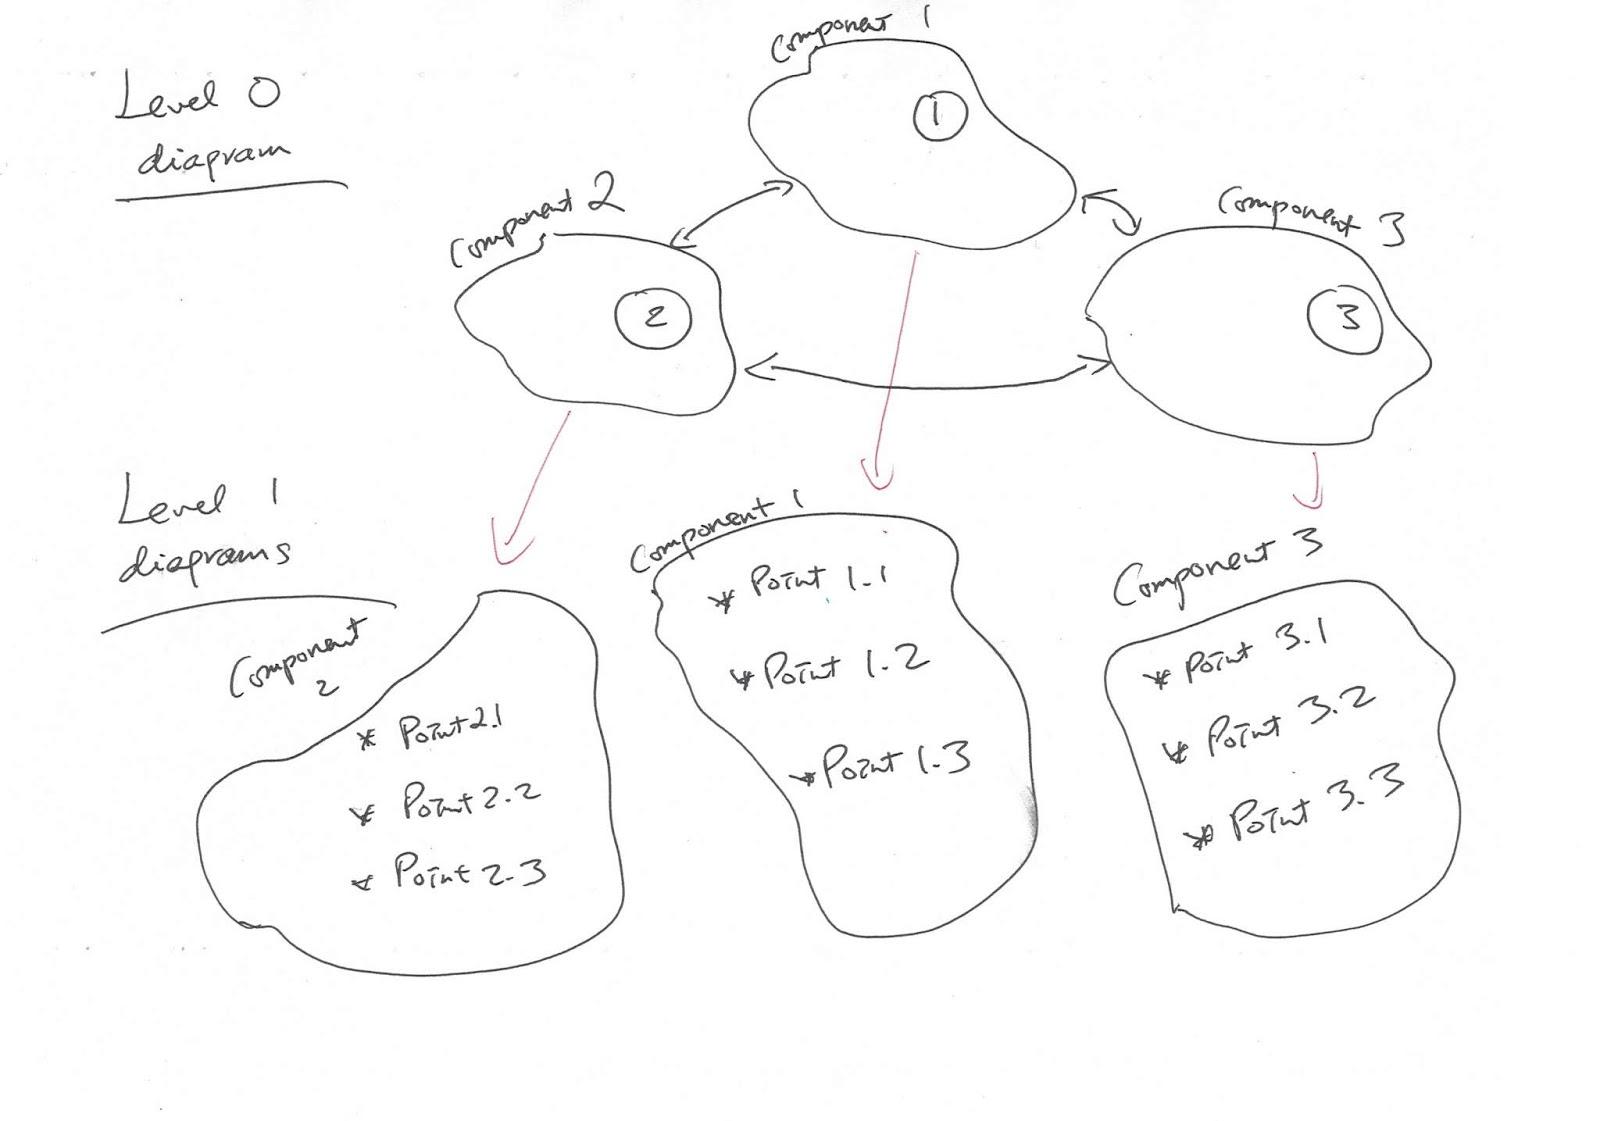 Joseph Kk Ho E Resources Management Concerns Diagram And